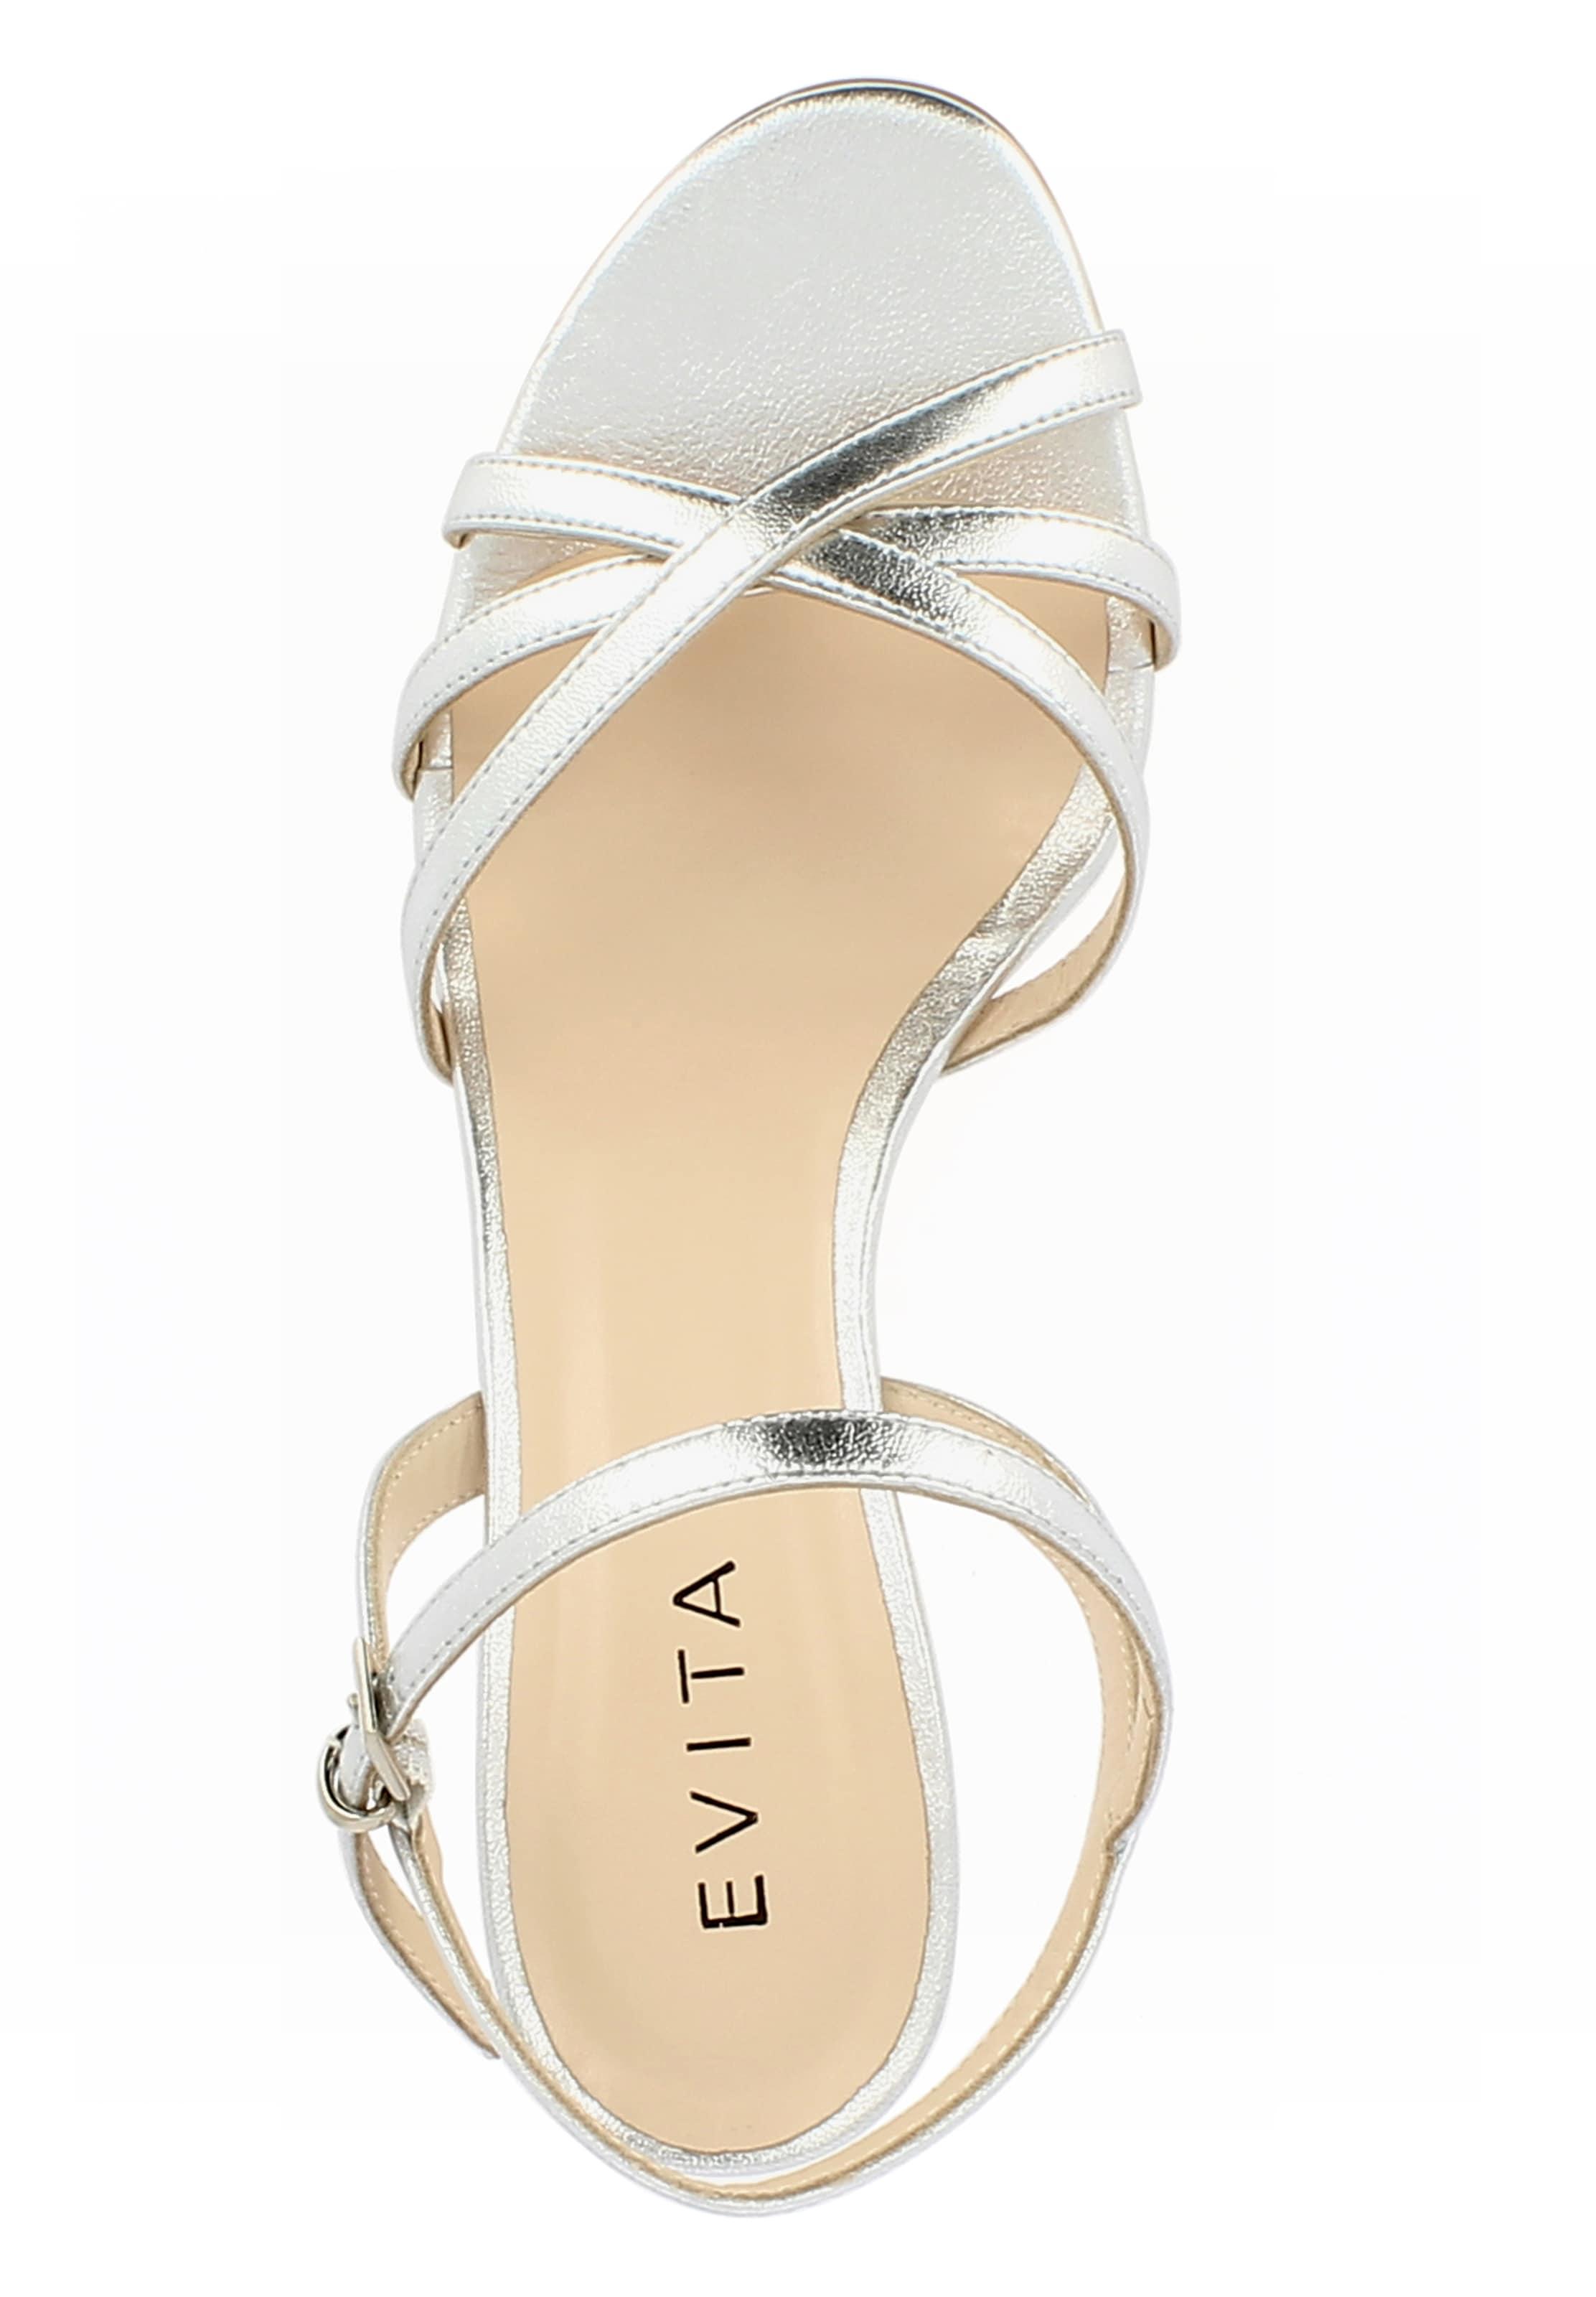 Evita À 'gioia' Lanières Sandales En Argent 7fgyYb6